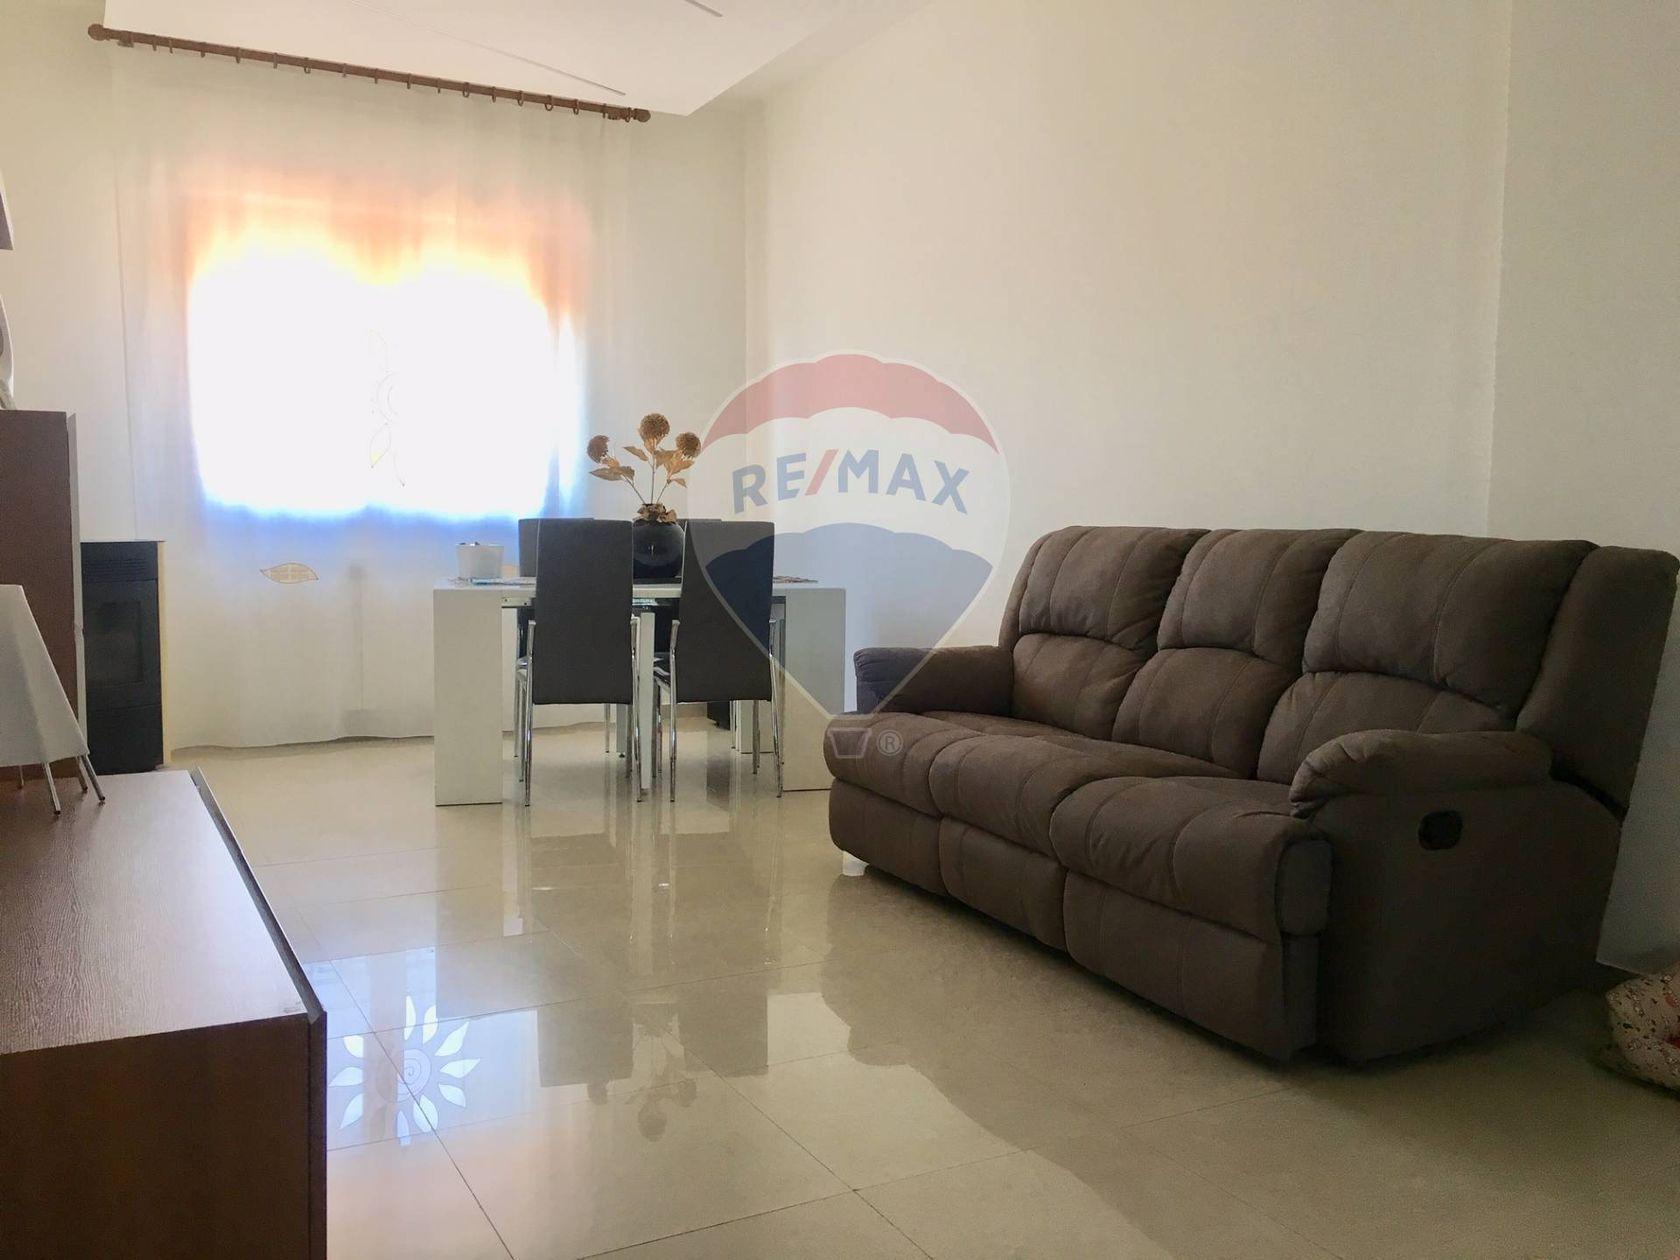 Appartamento Aversa, CE Vendita - Foto 4